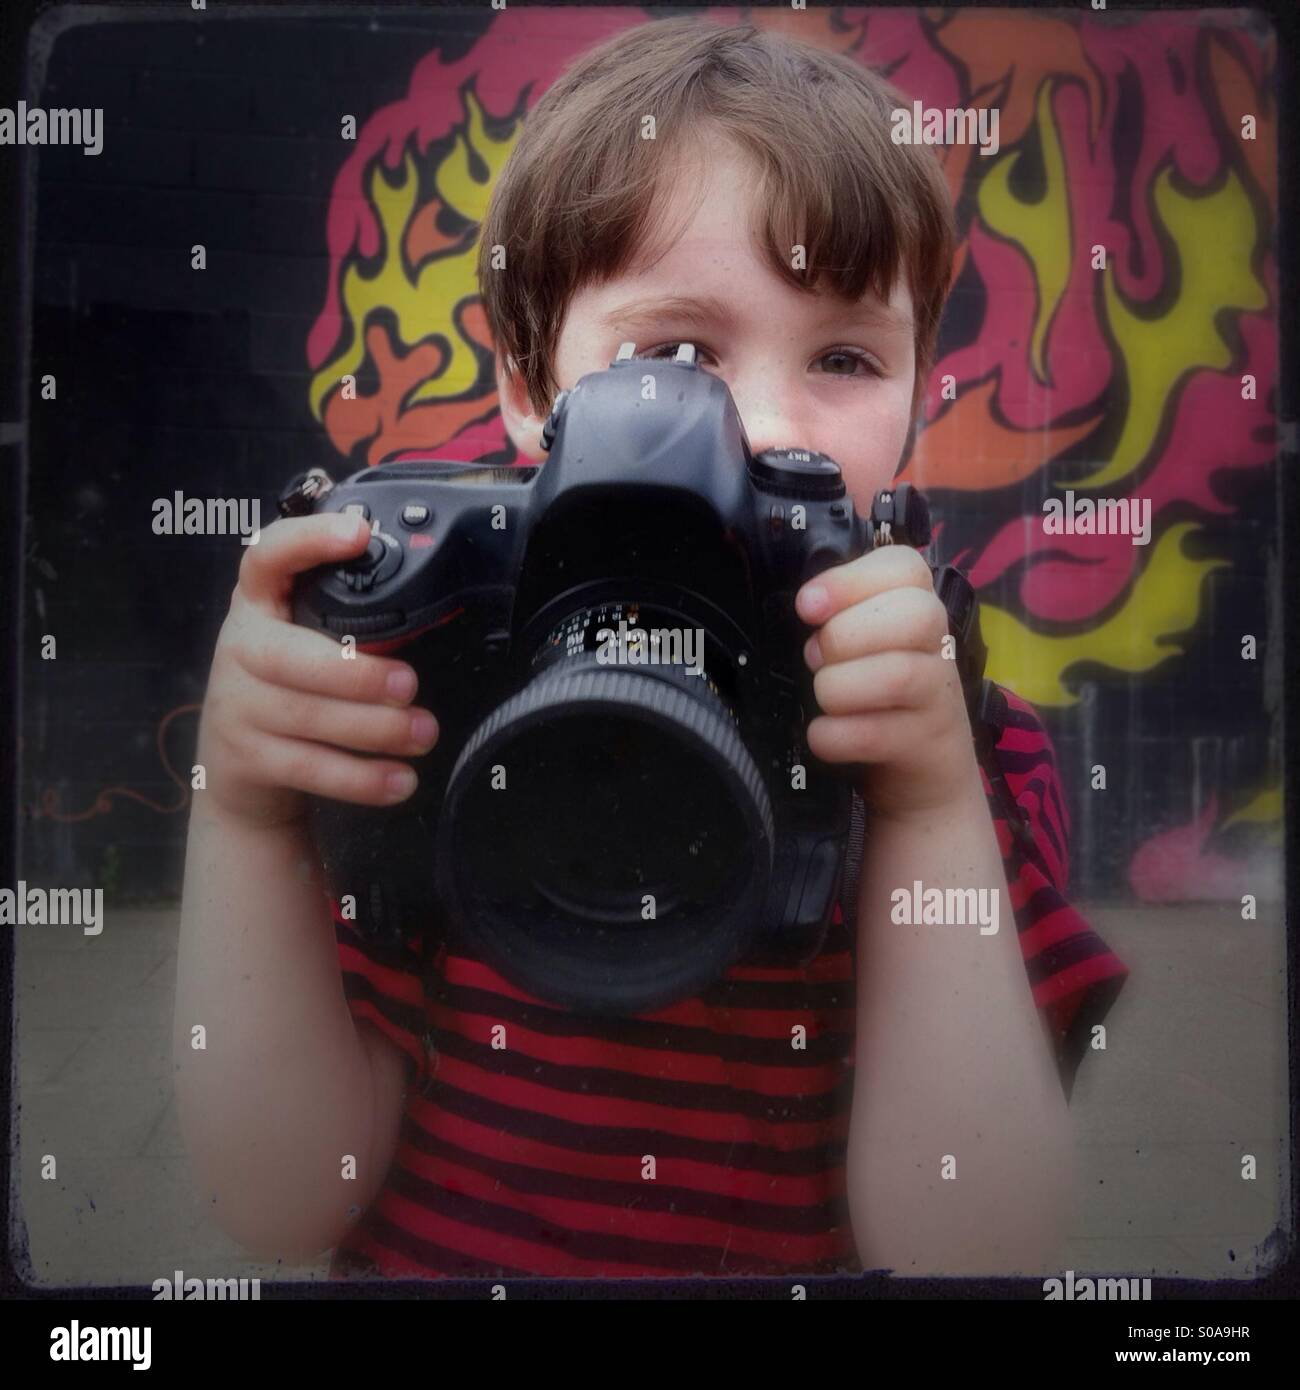 Niño pequeño con una gran cámara. Un niño de cinco años con una slr de tamaño completo. Imagen De Stock